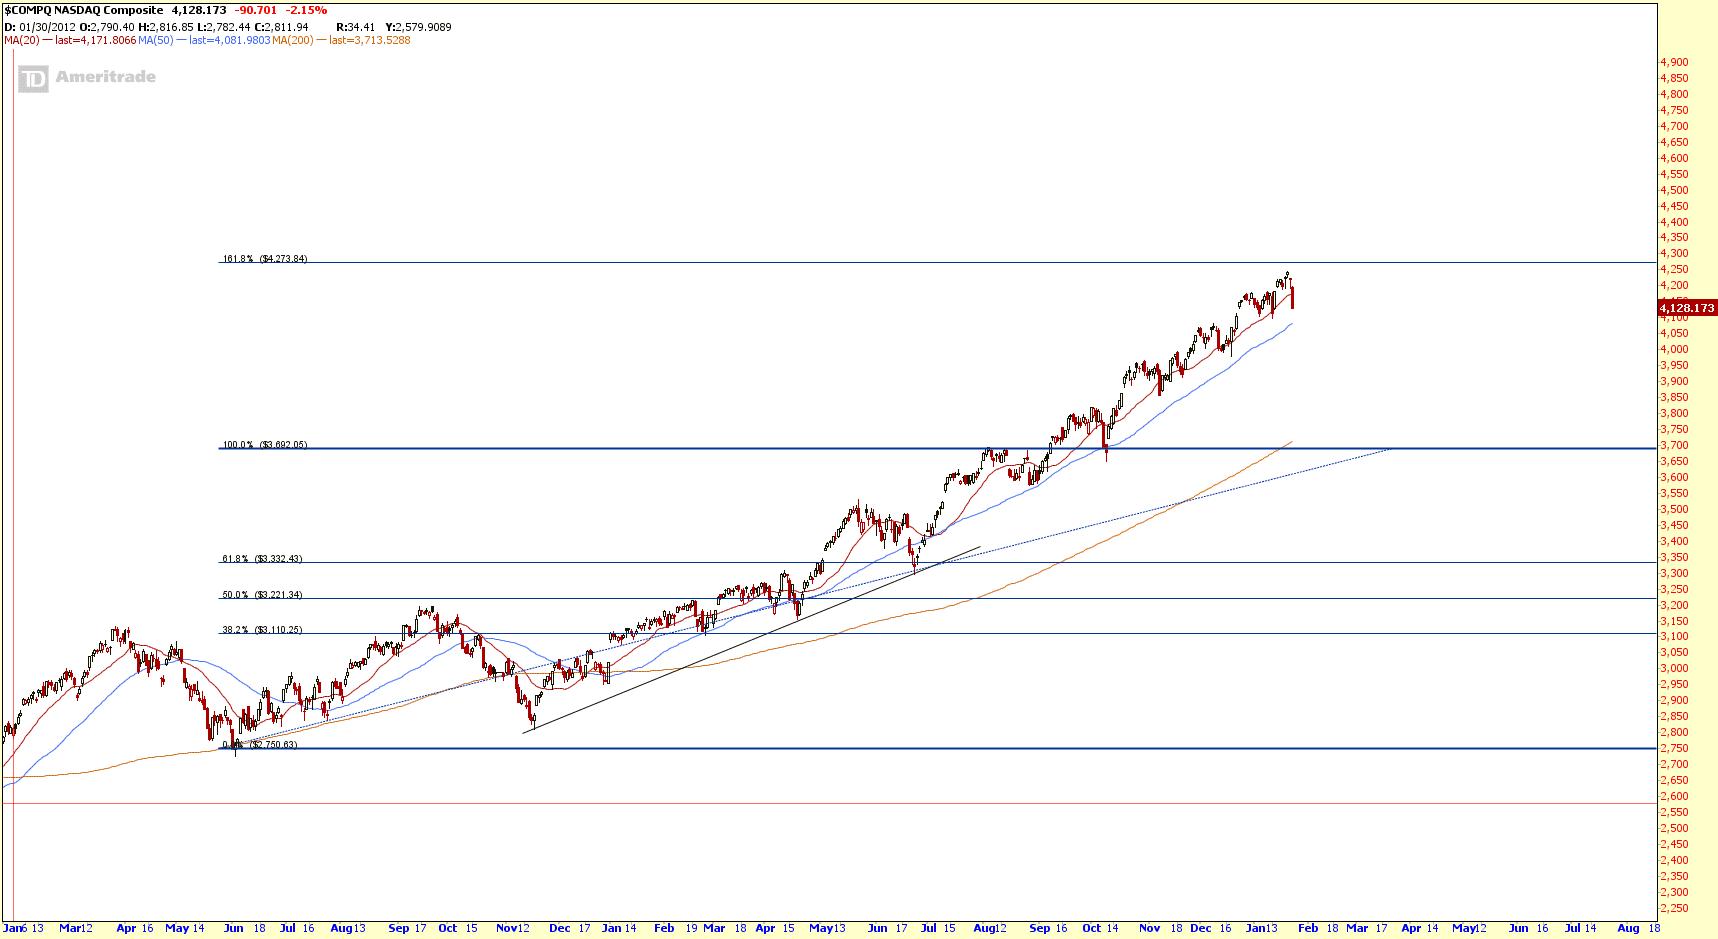 NASDAQ Jan25-2014